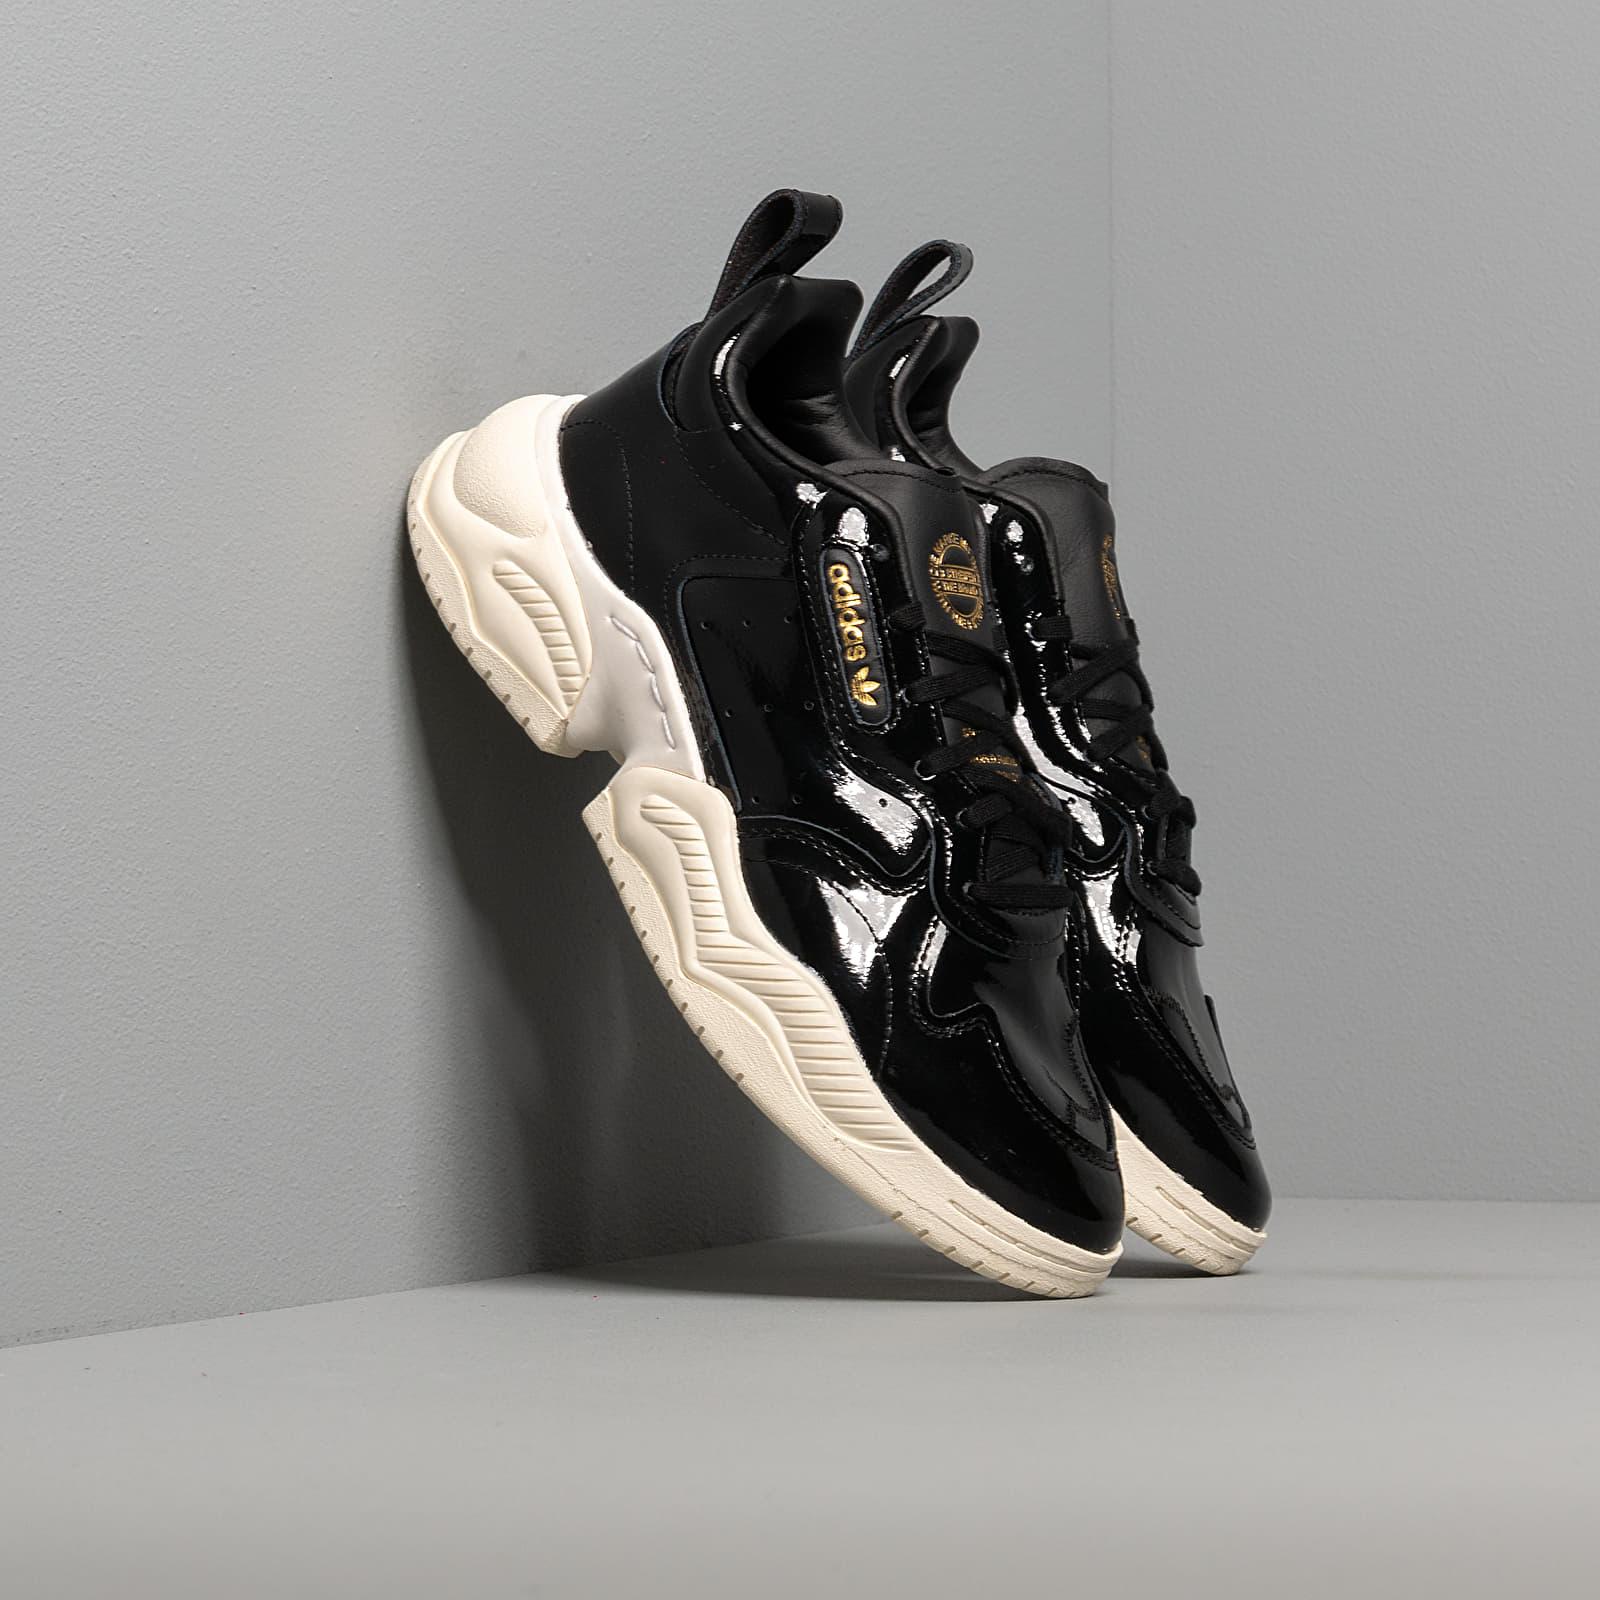 Chaussures et baskets femme adidas Supercourt RX W Core Black/ Core Black/ Off White